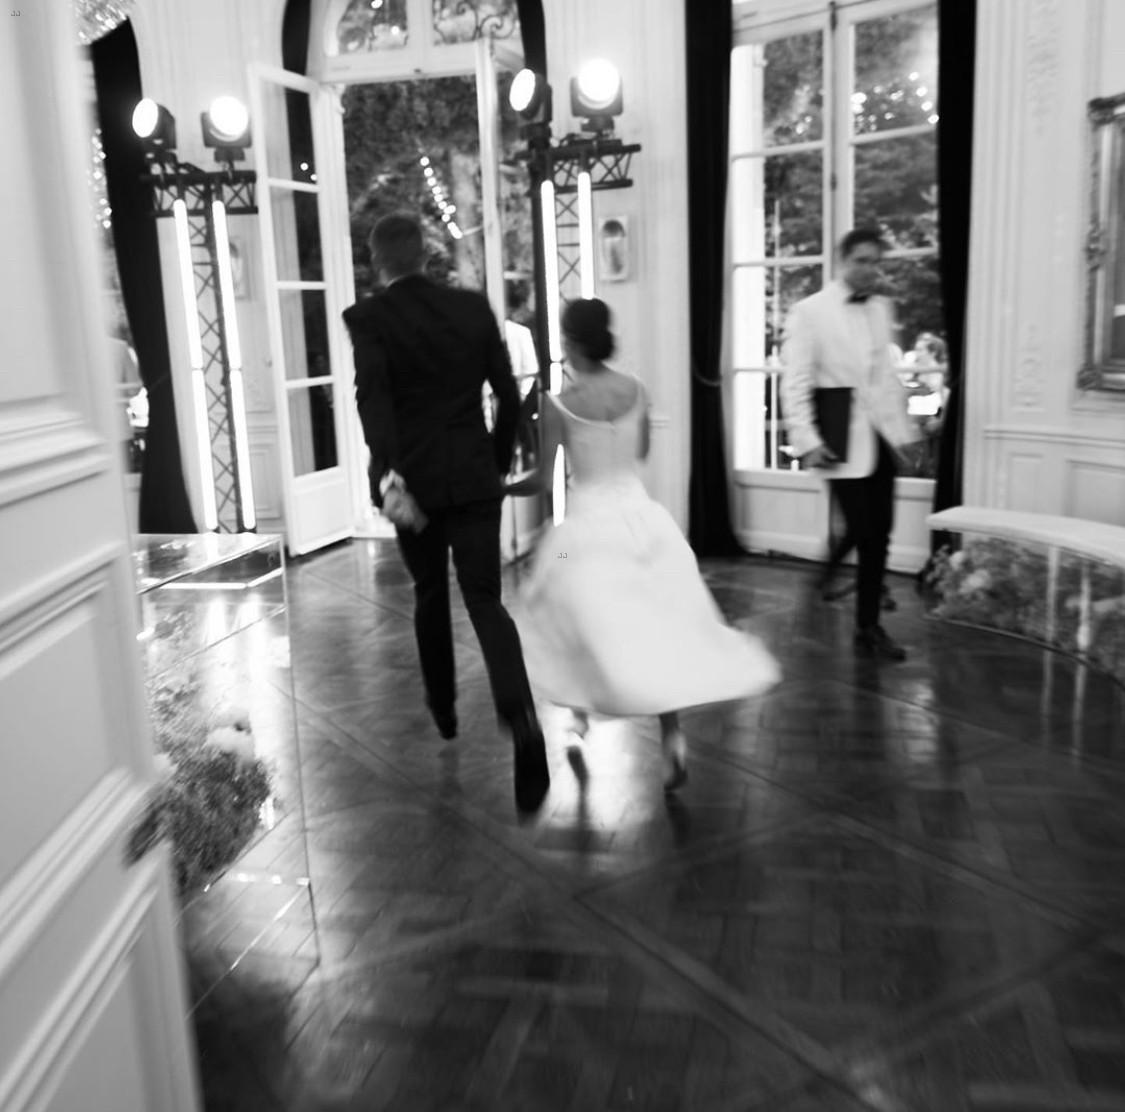 Zoe Kravitz News: Full Sized Photo Of Zoe Kravitz New Wedding Pics Karl